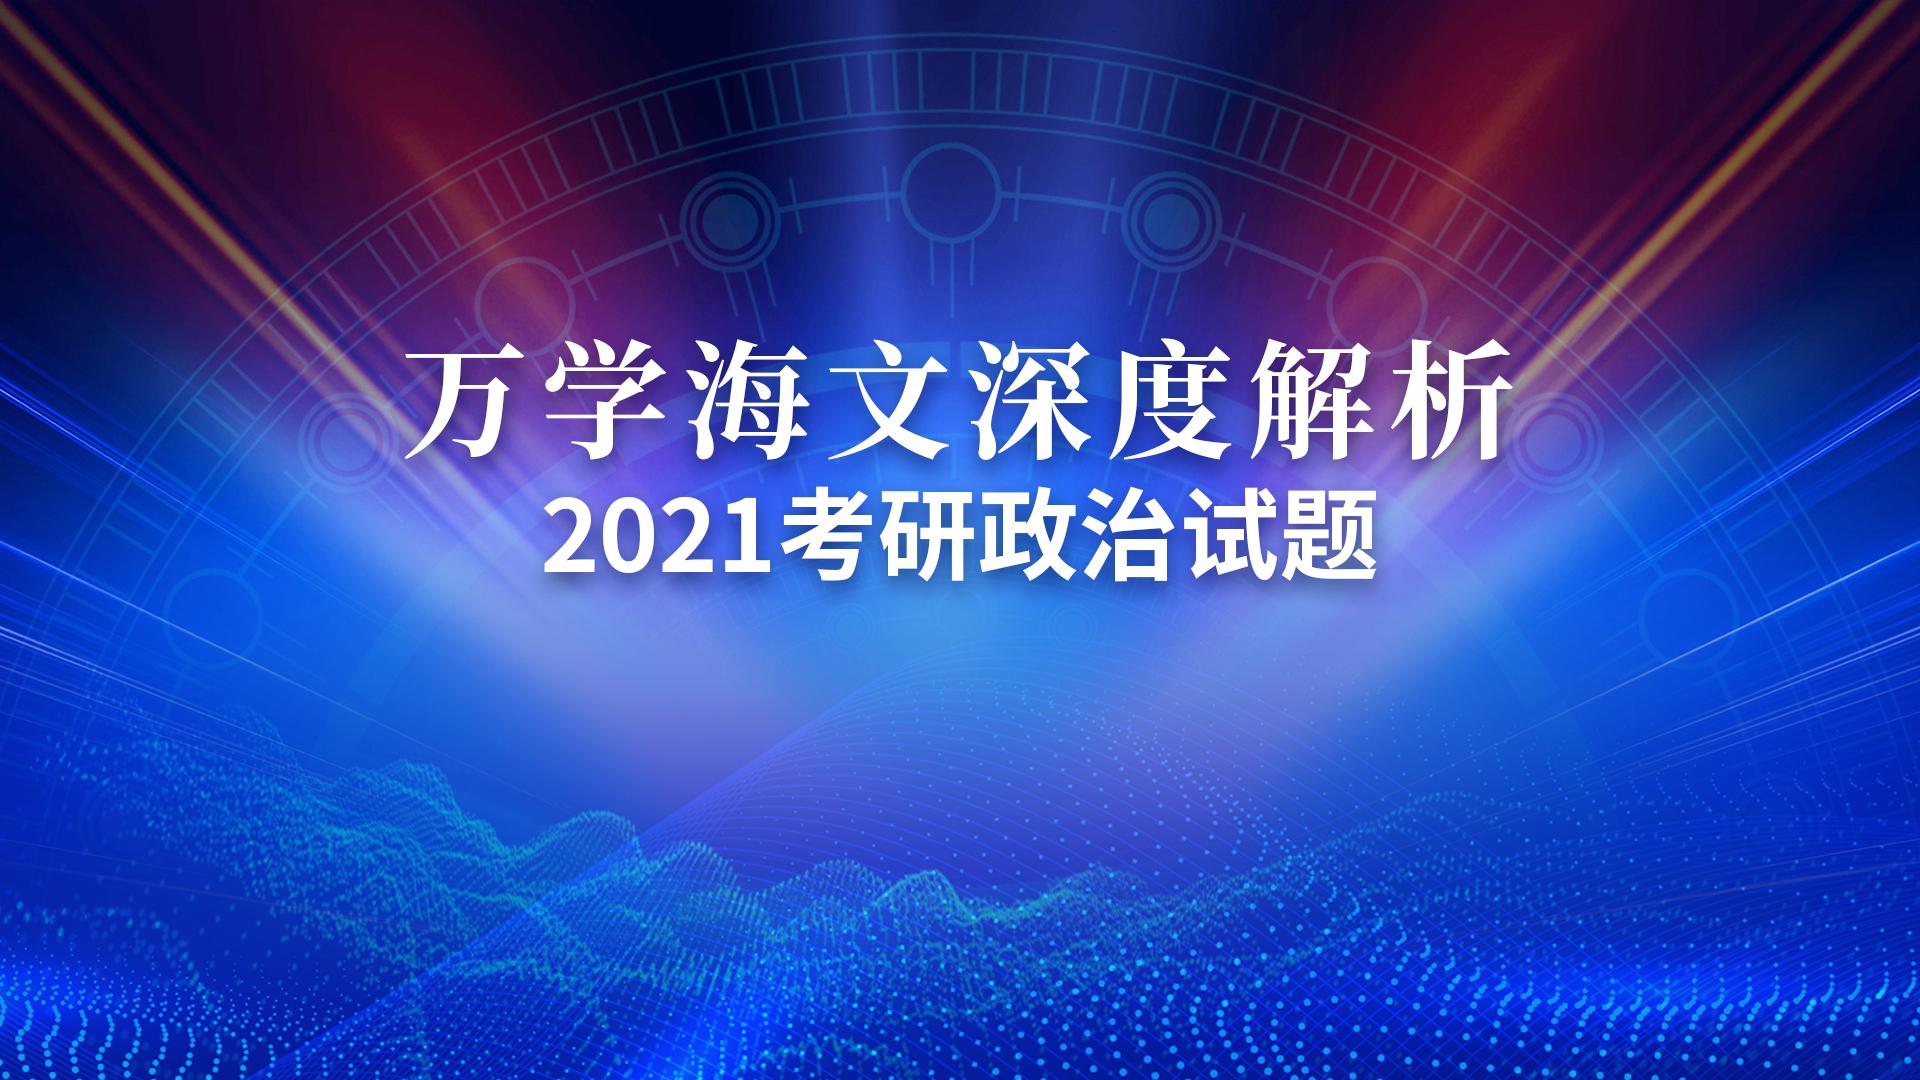 万学海文老师郭继武做客万学教育解析2021考研政治试题